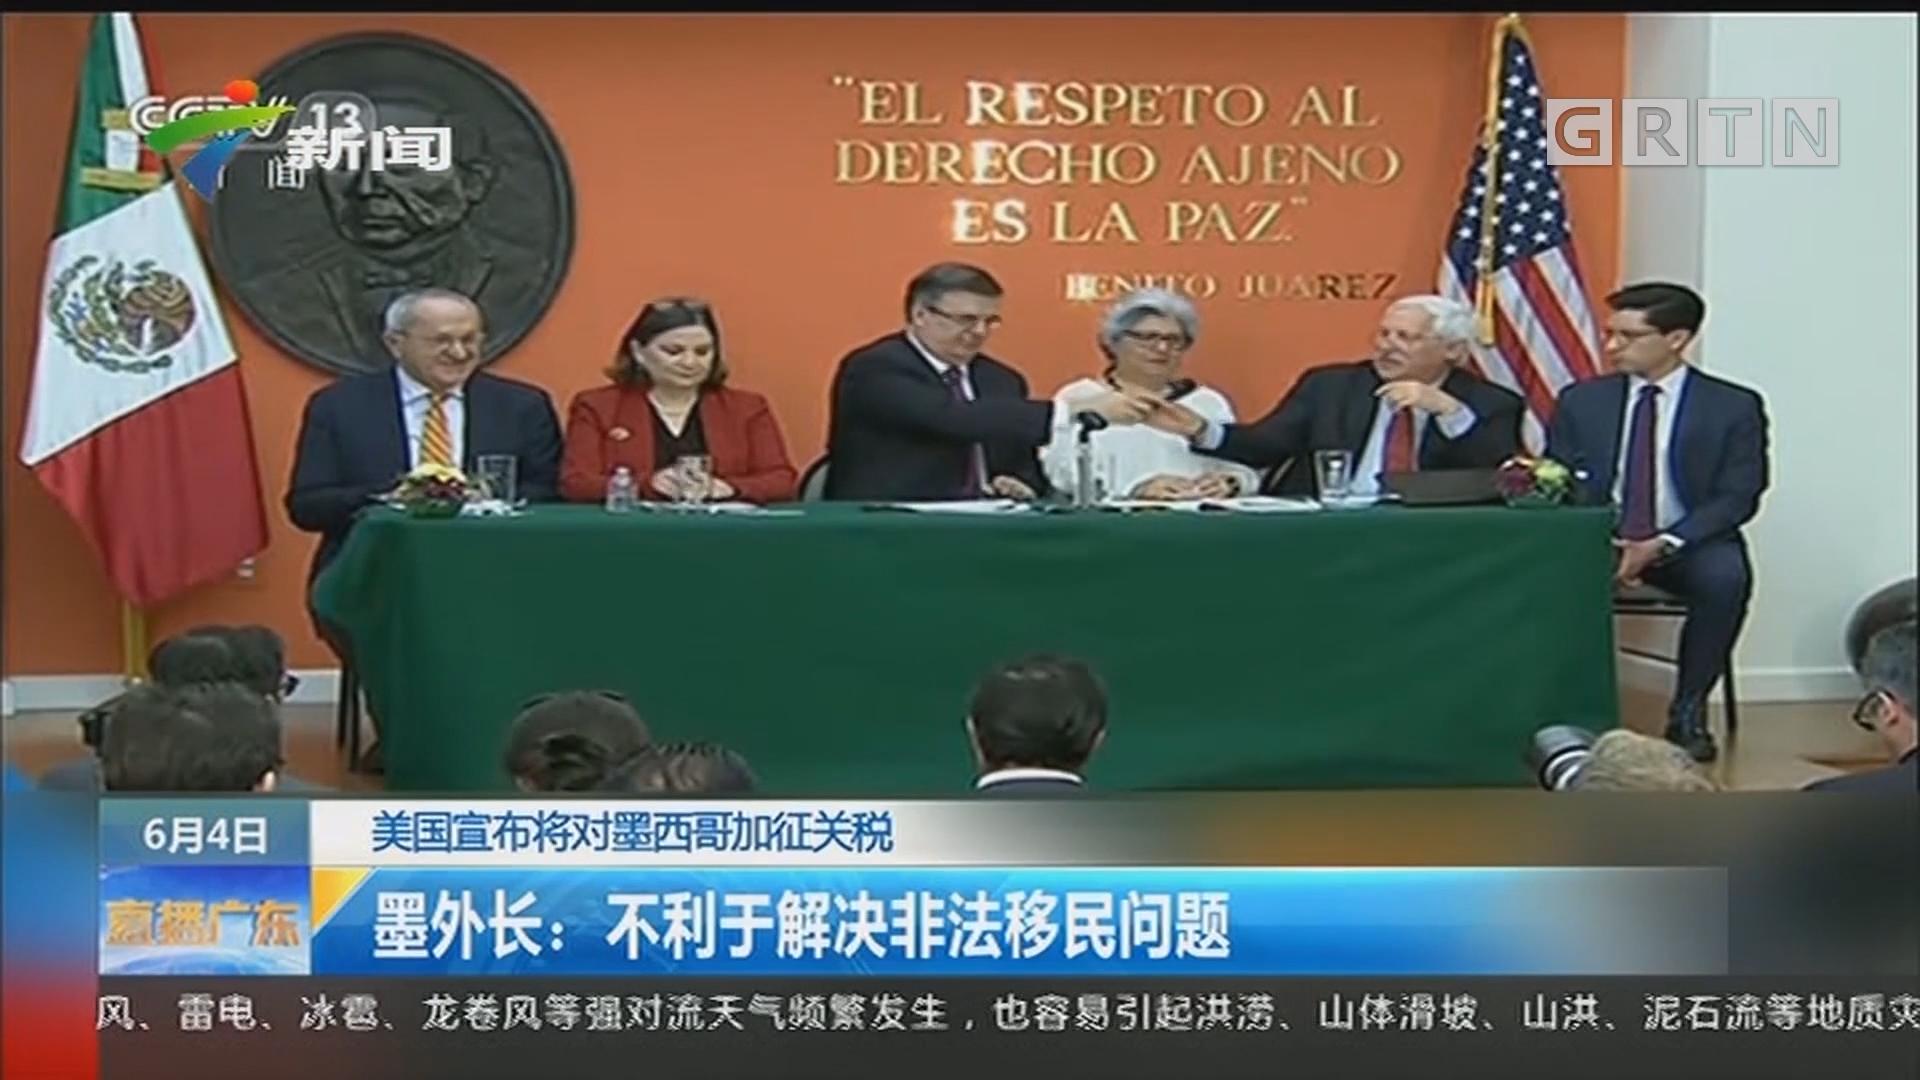 美國宣布將對墨西哥加征關稅 墨外長:不利于解決非法移民問題